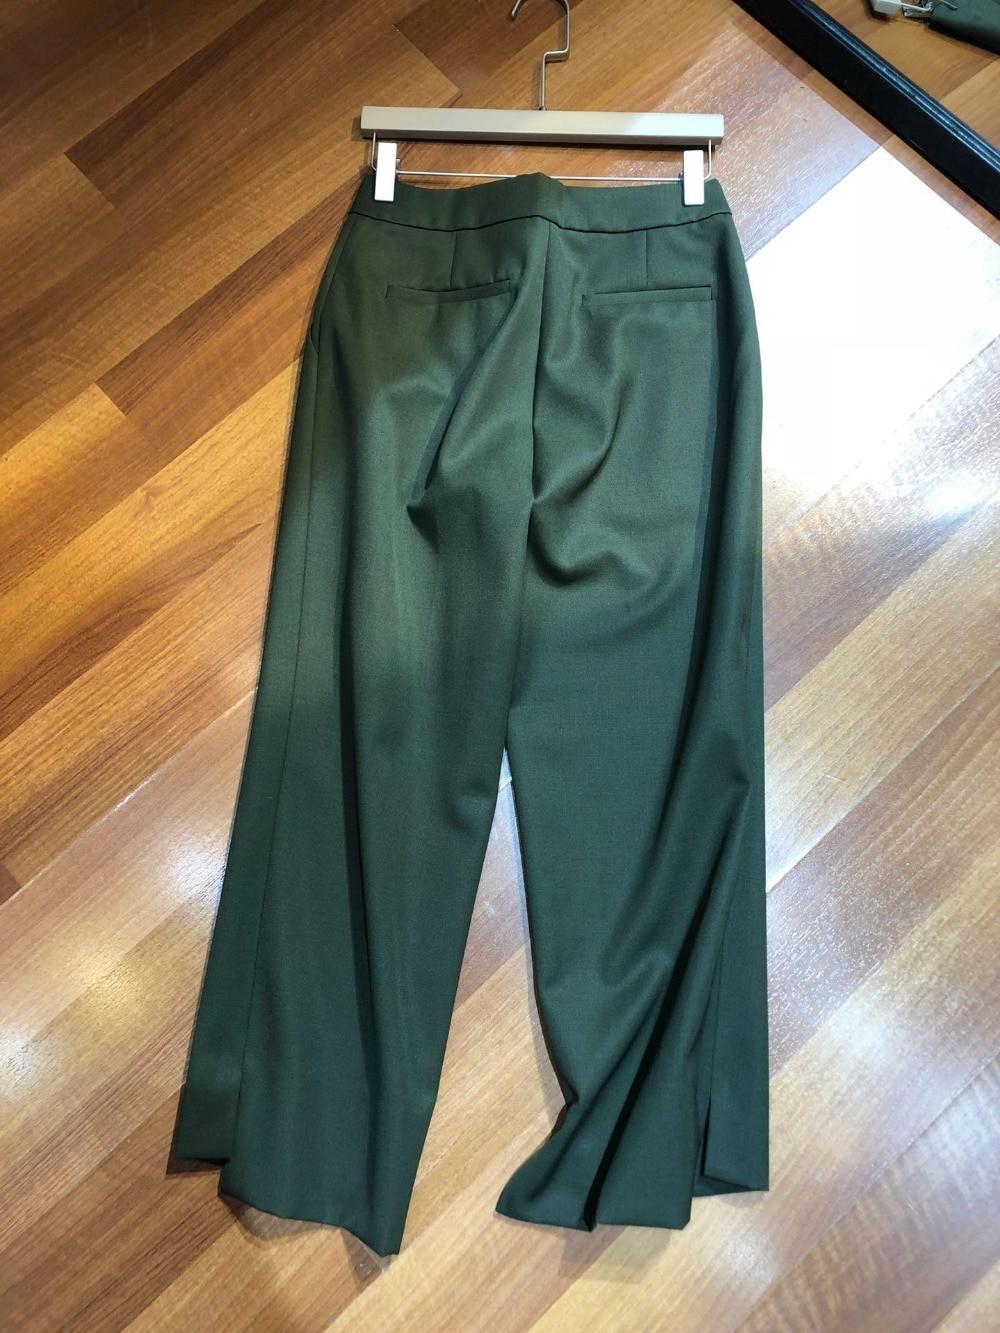 2019 De Pantalones Las Verde Otoño Nuevos Mujeres Ejército Primavera Lana 0320 Y Del Mezcla raqrU